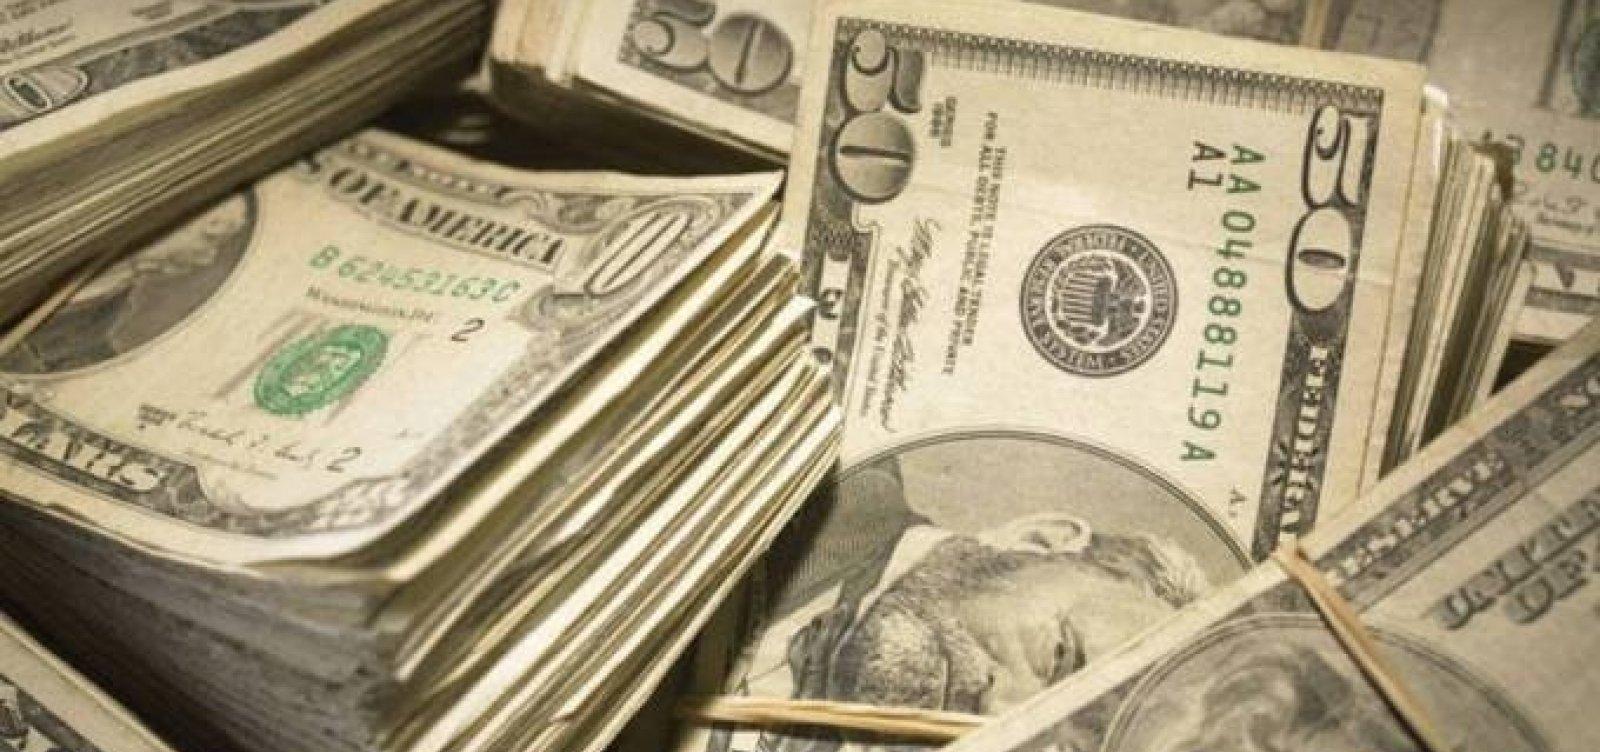 [Dólar sobe e fecha acima de R$ 5,50 pela primeira vez]